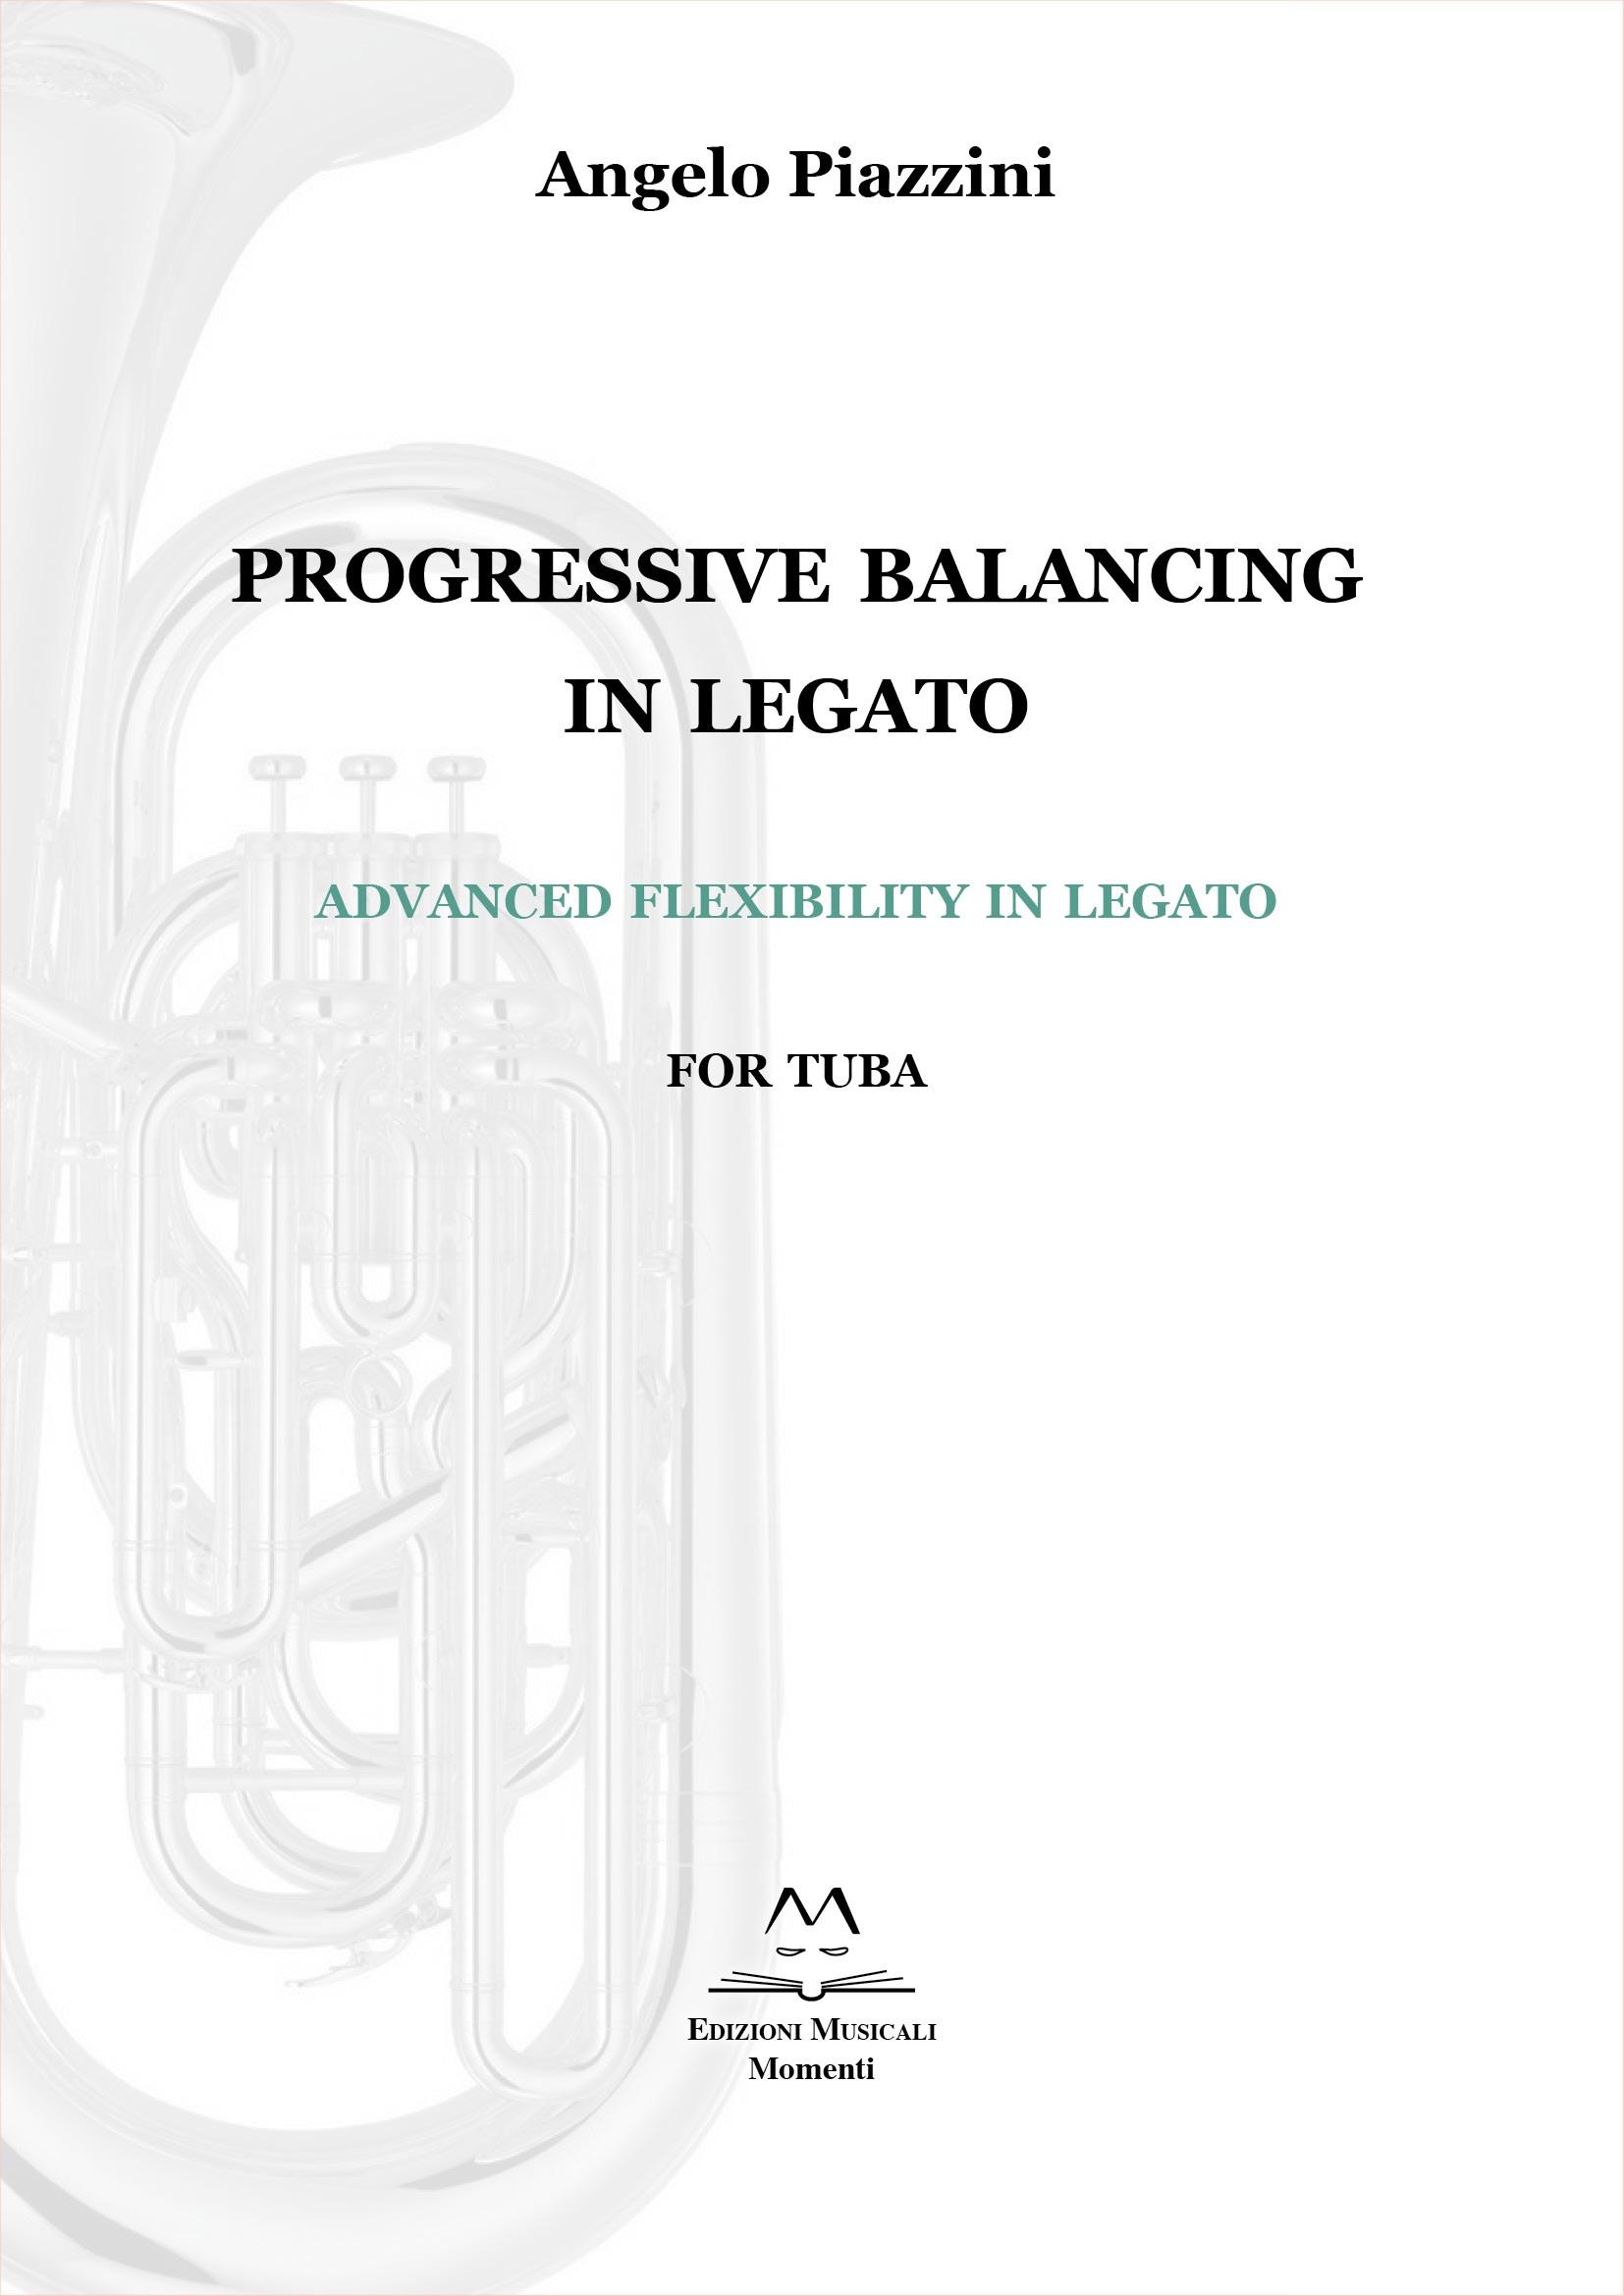 Progressive Balancing in Legato for Tuba di Angelo Piazzini